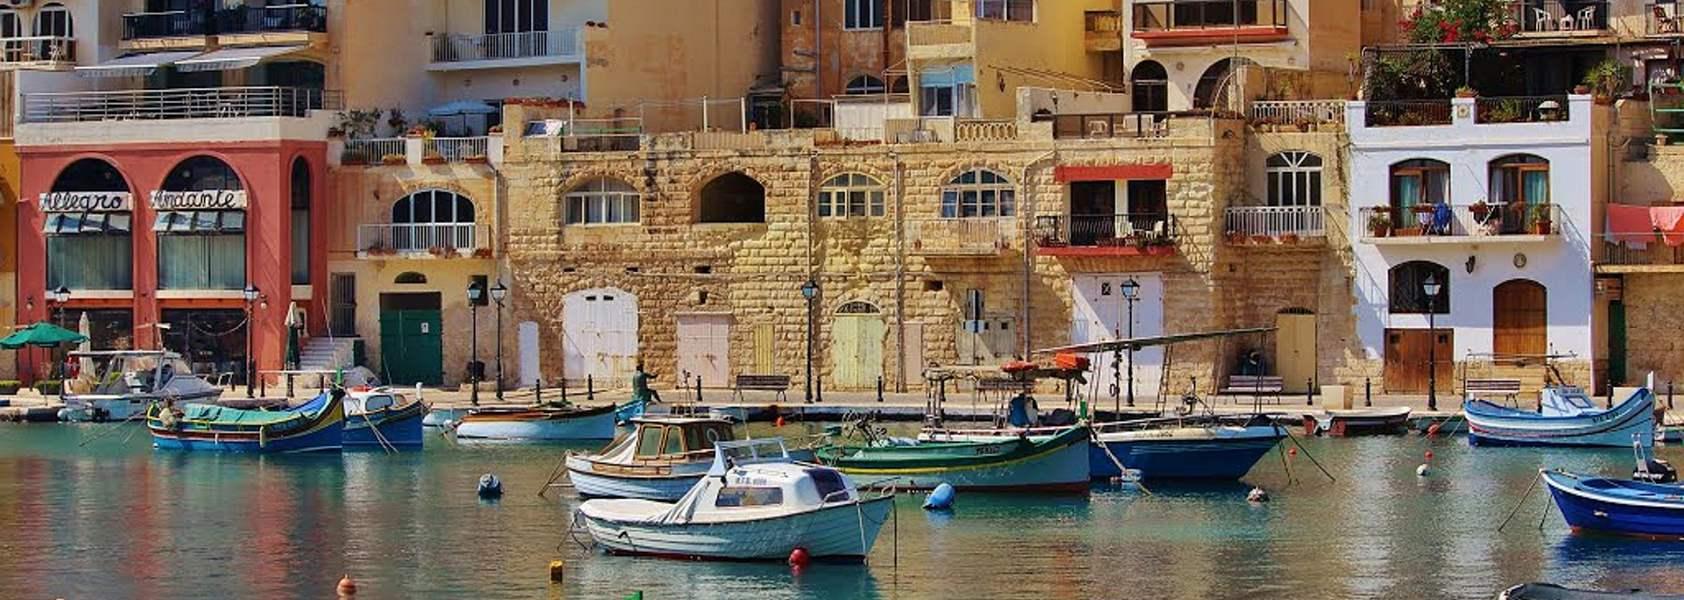 Malta | Wandelen op een bijzonder eiland